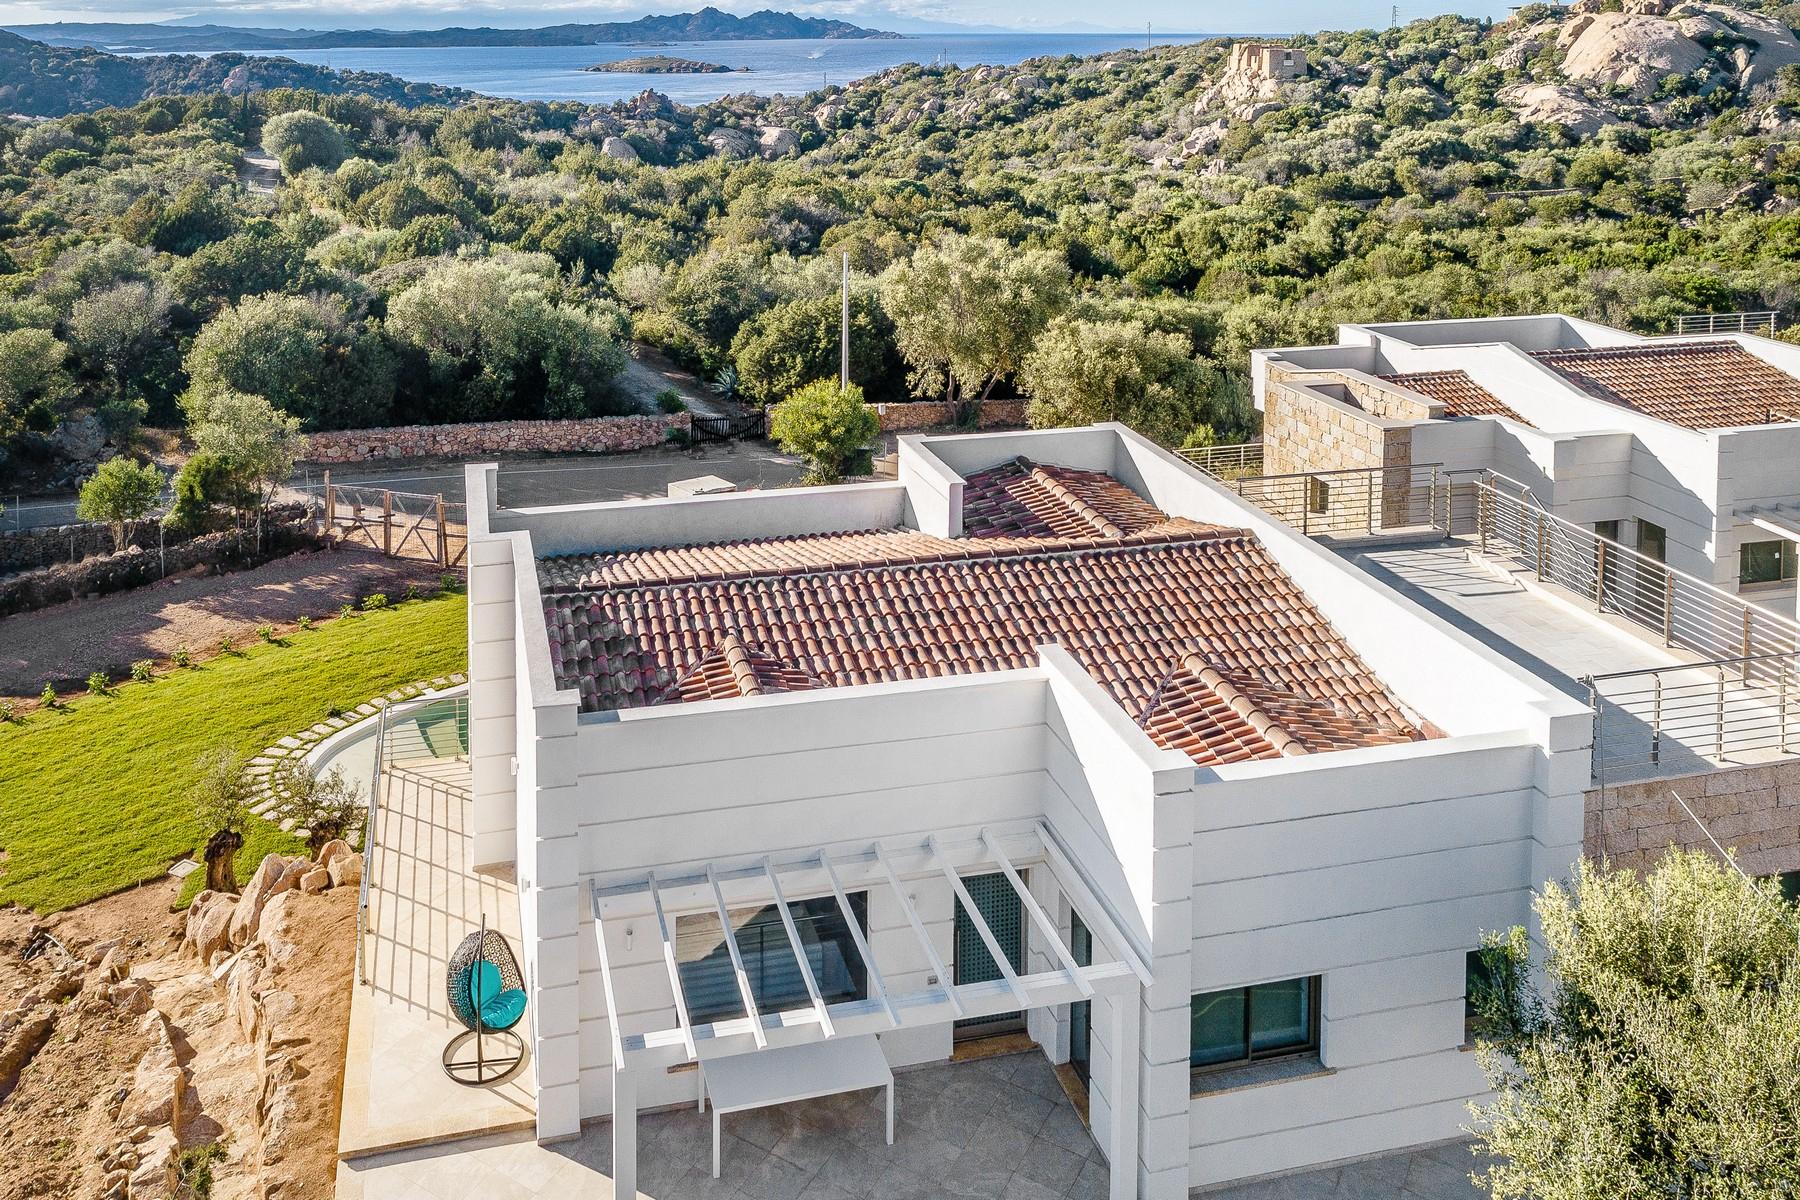 Villa in Vendita a Arzachena: 4 locali, 211 mq - Foto 23